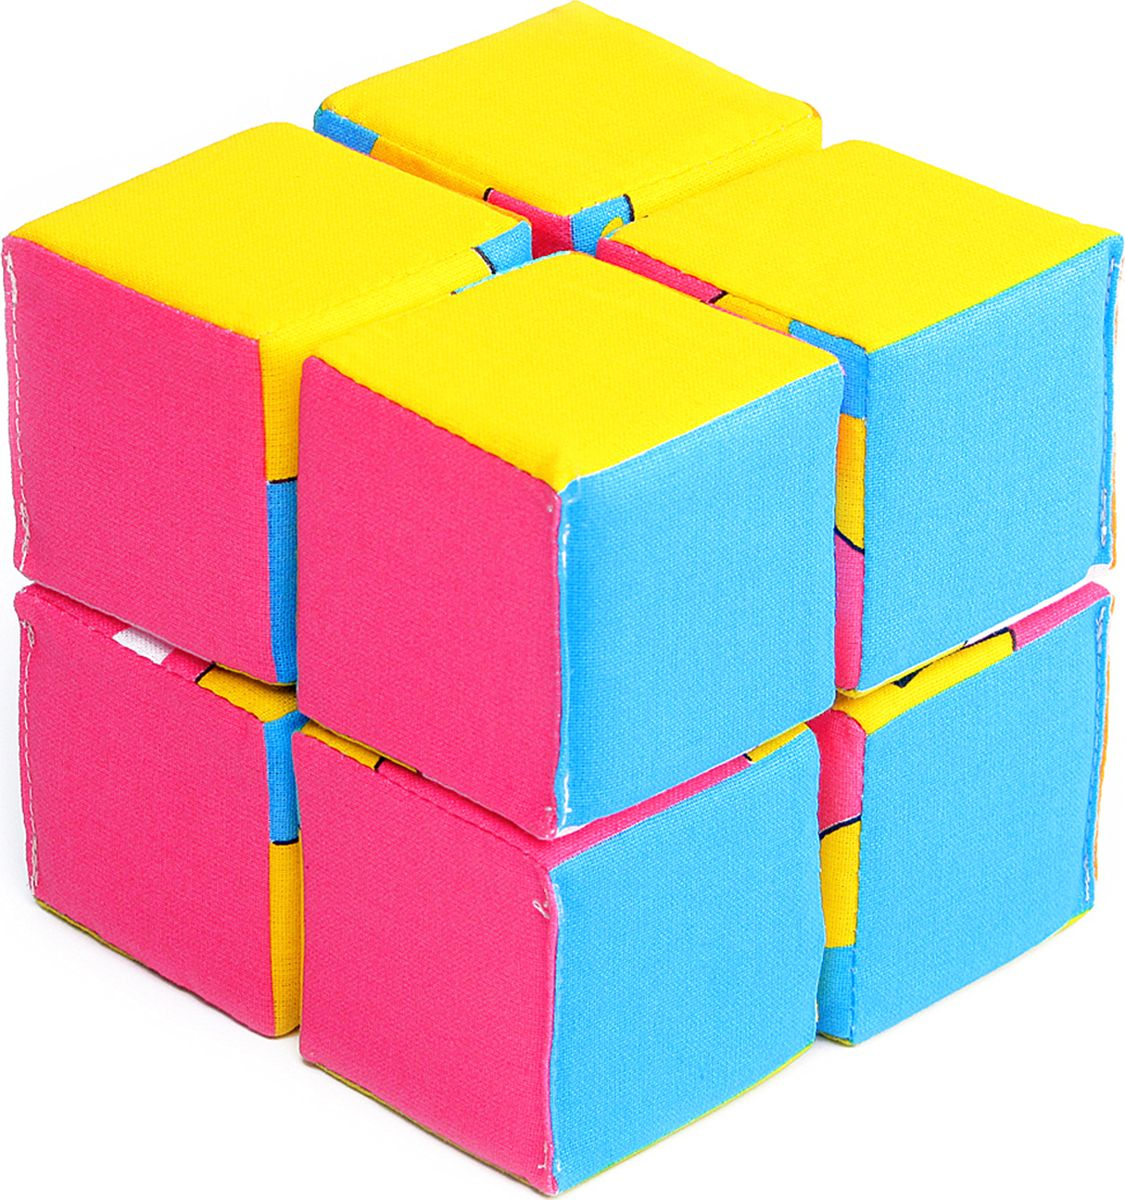 Как сделать 5 6 кубики